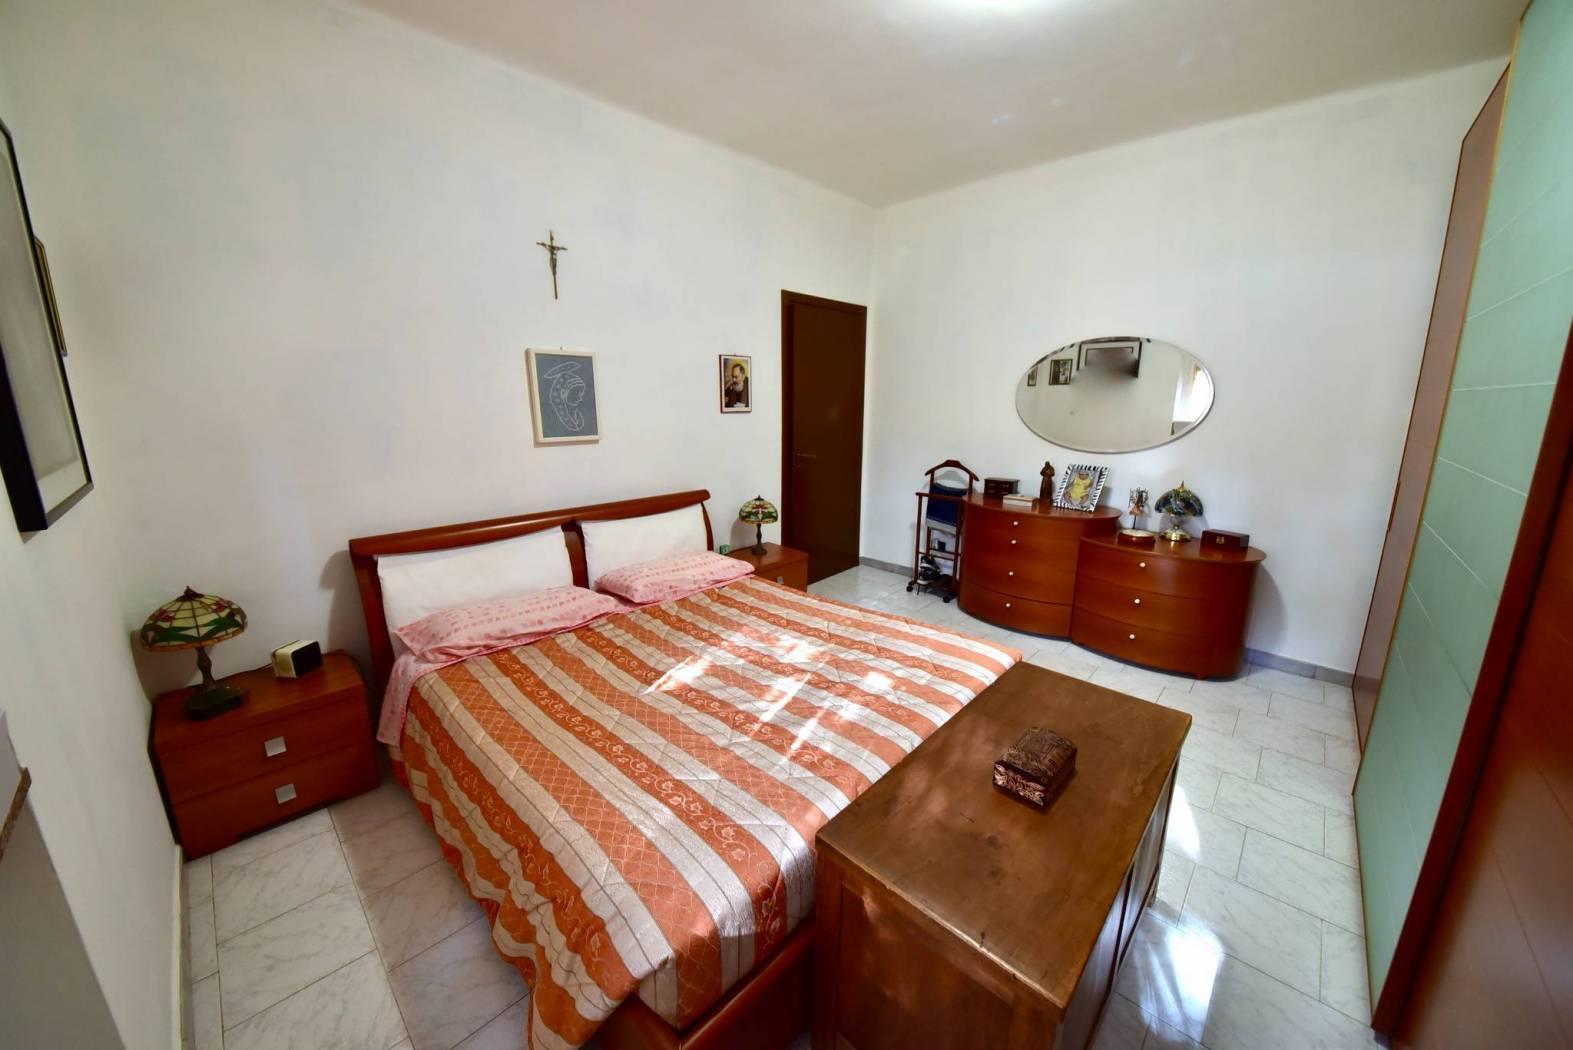 Foto 9 - Appartamento in Vendita - Desio (Monza e Brianza)